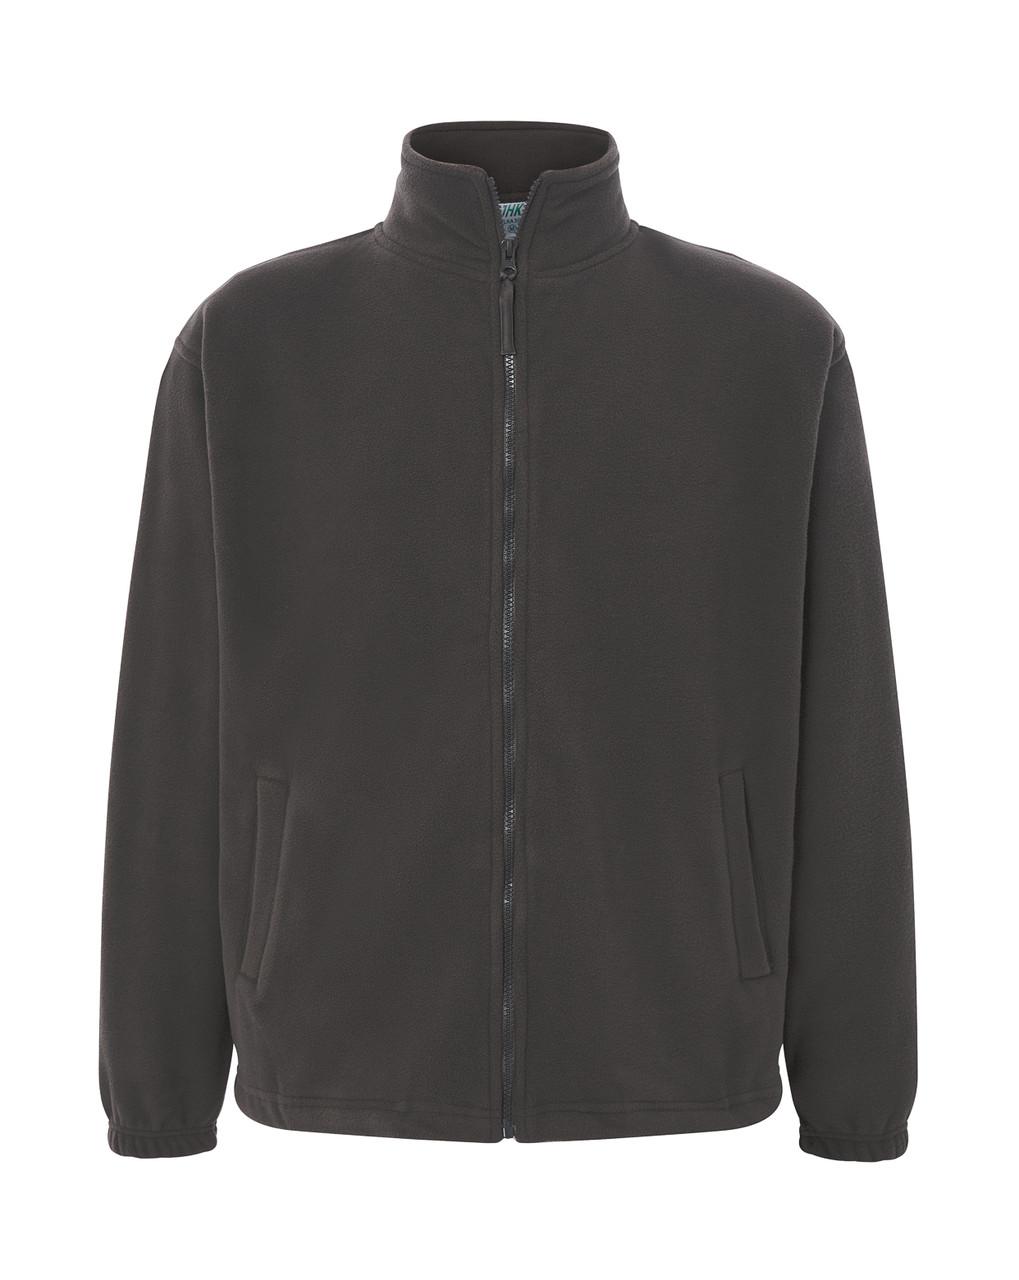 Мужская флисовая кофта JHK POLAR FLEECE MAN цвет серый (GF)